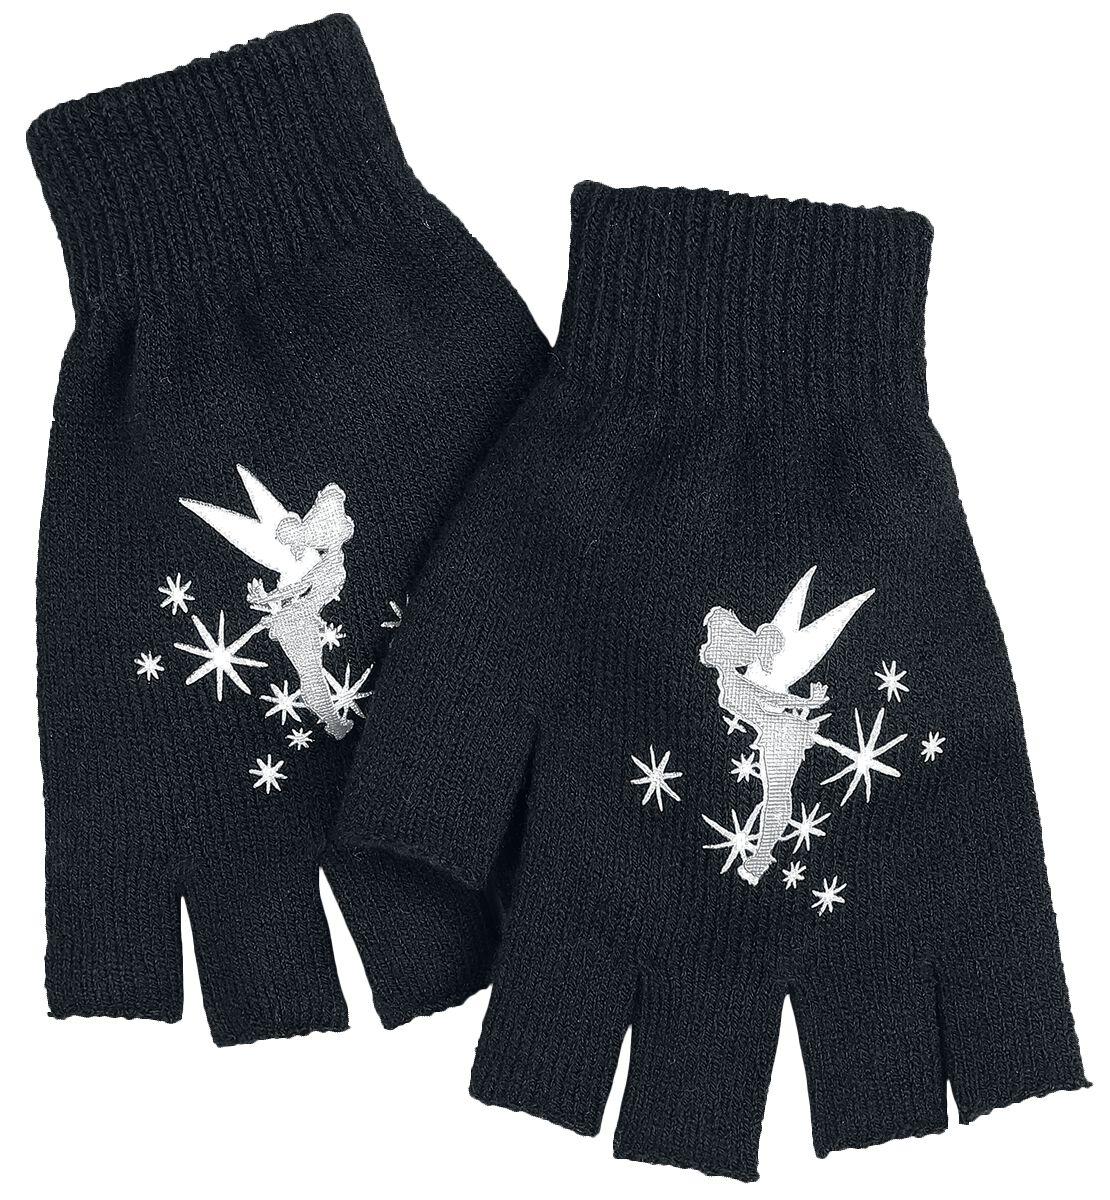 Handschuhe - Peter Pan Tinker Bell Stars Kurzfingerhandschuhe schwarz weiß  - Onlineshop EMP